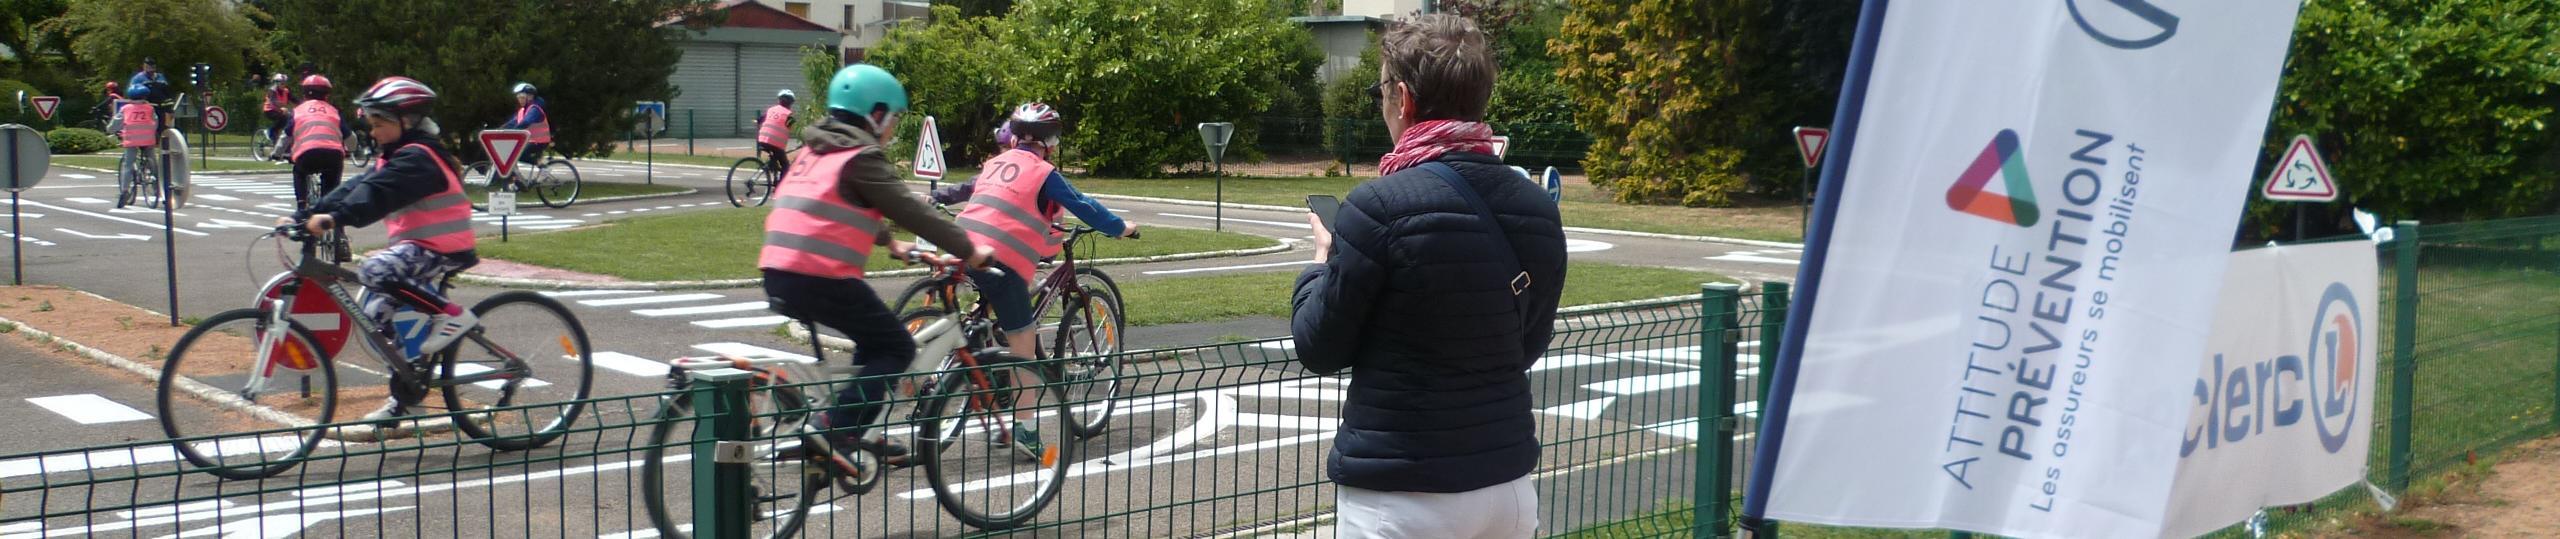 Rentrée des classes et Semaine de la mobilité : focus sur l'enfant à vélo !